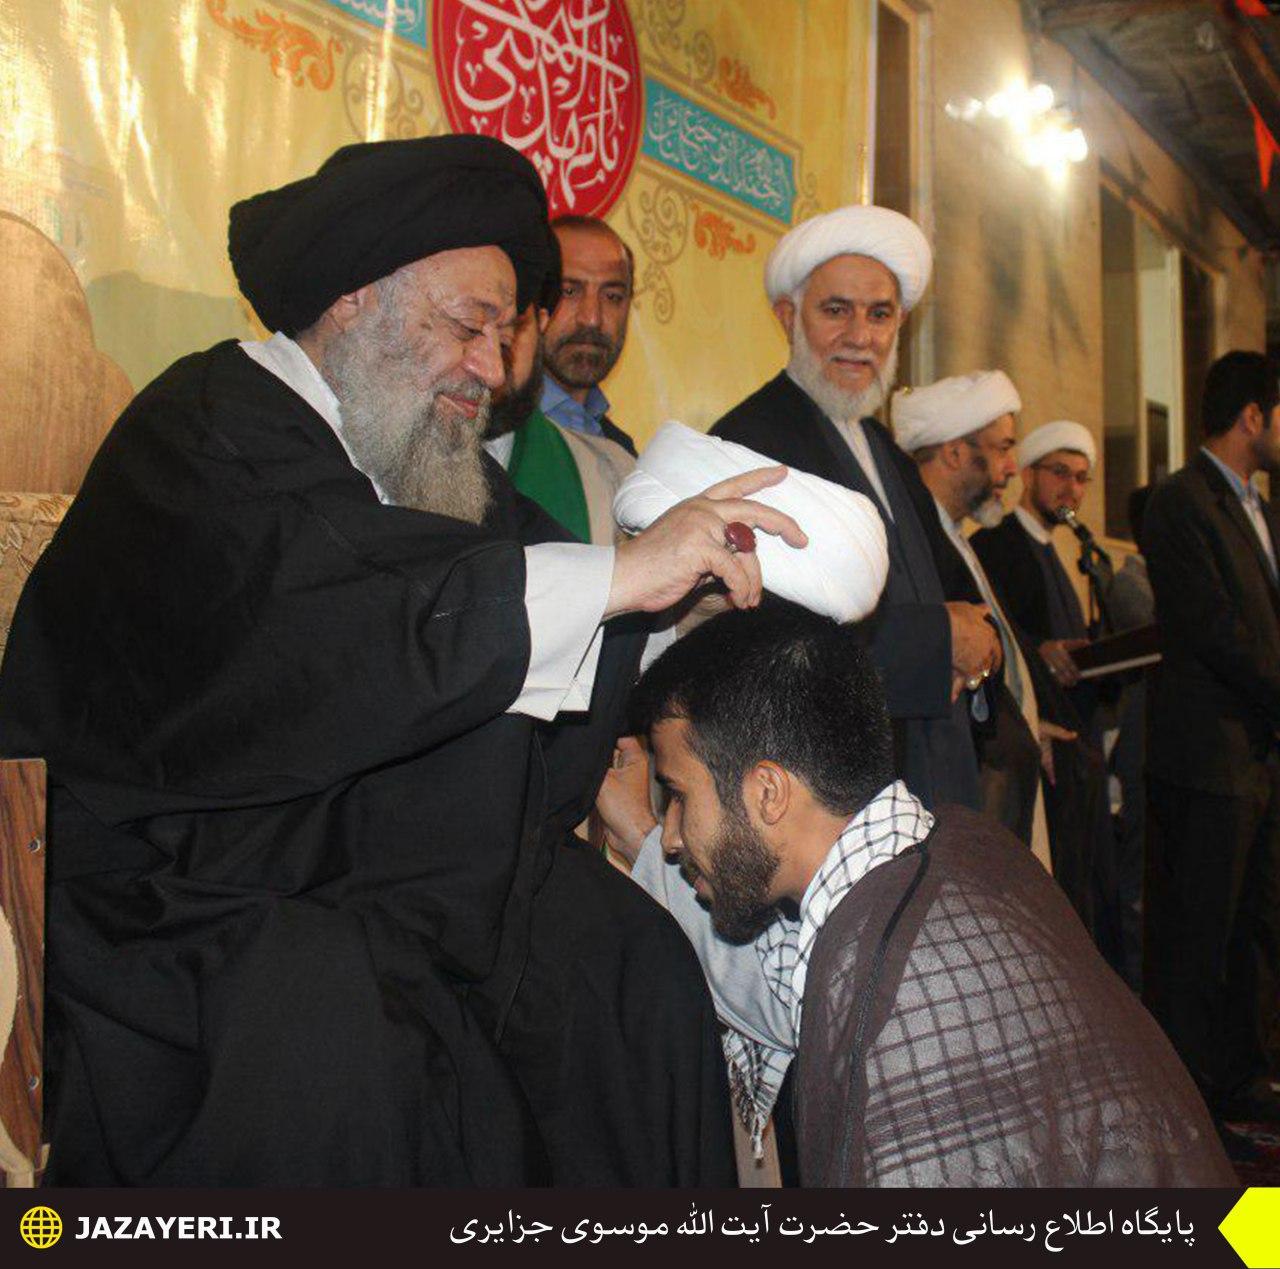 بیانات در مراسم عمامهگذاری جمعی از طلاب حوزه علمیه امام خامنهای